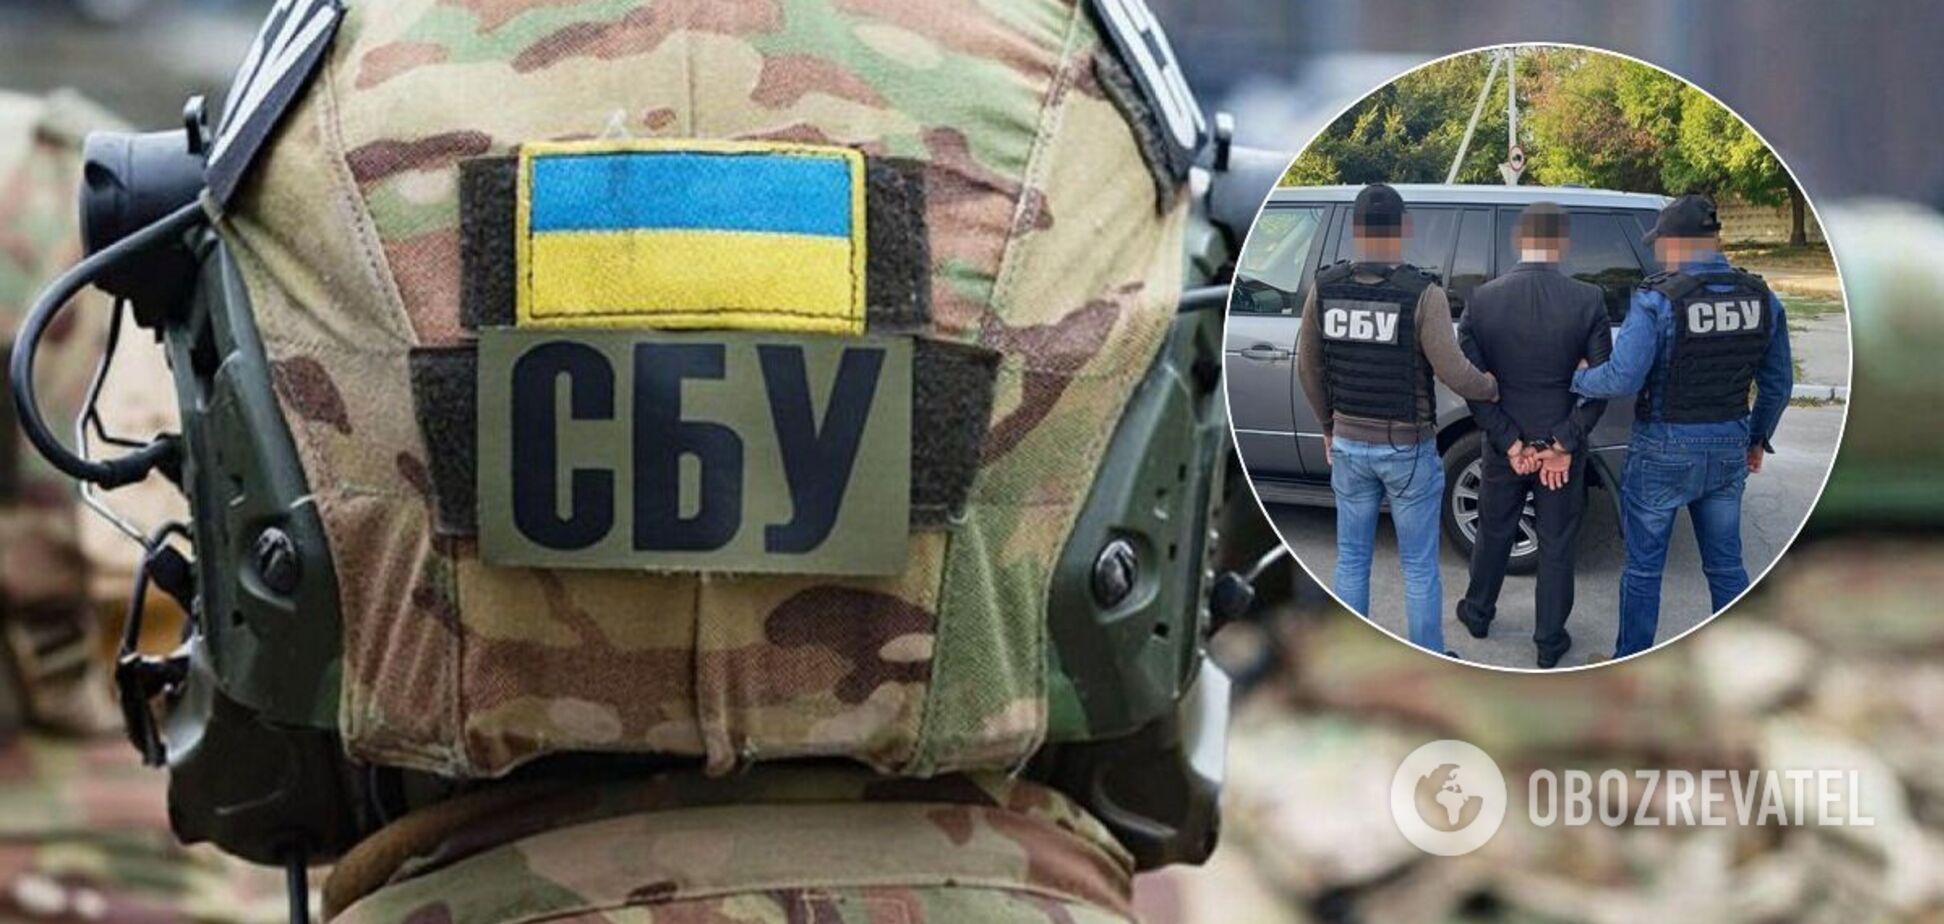 СБУ затримала на Кіровоградщині депутата і його помічника